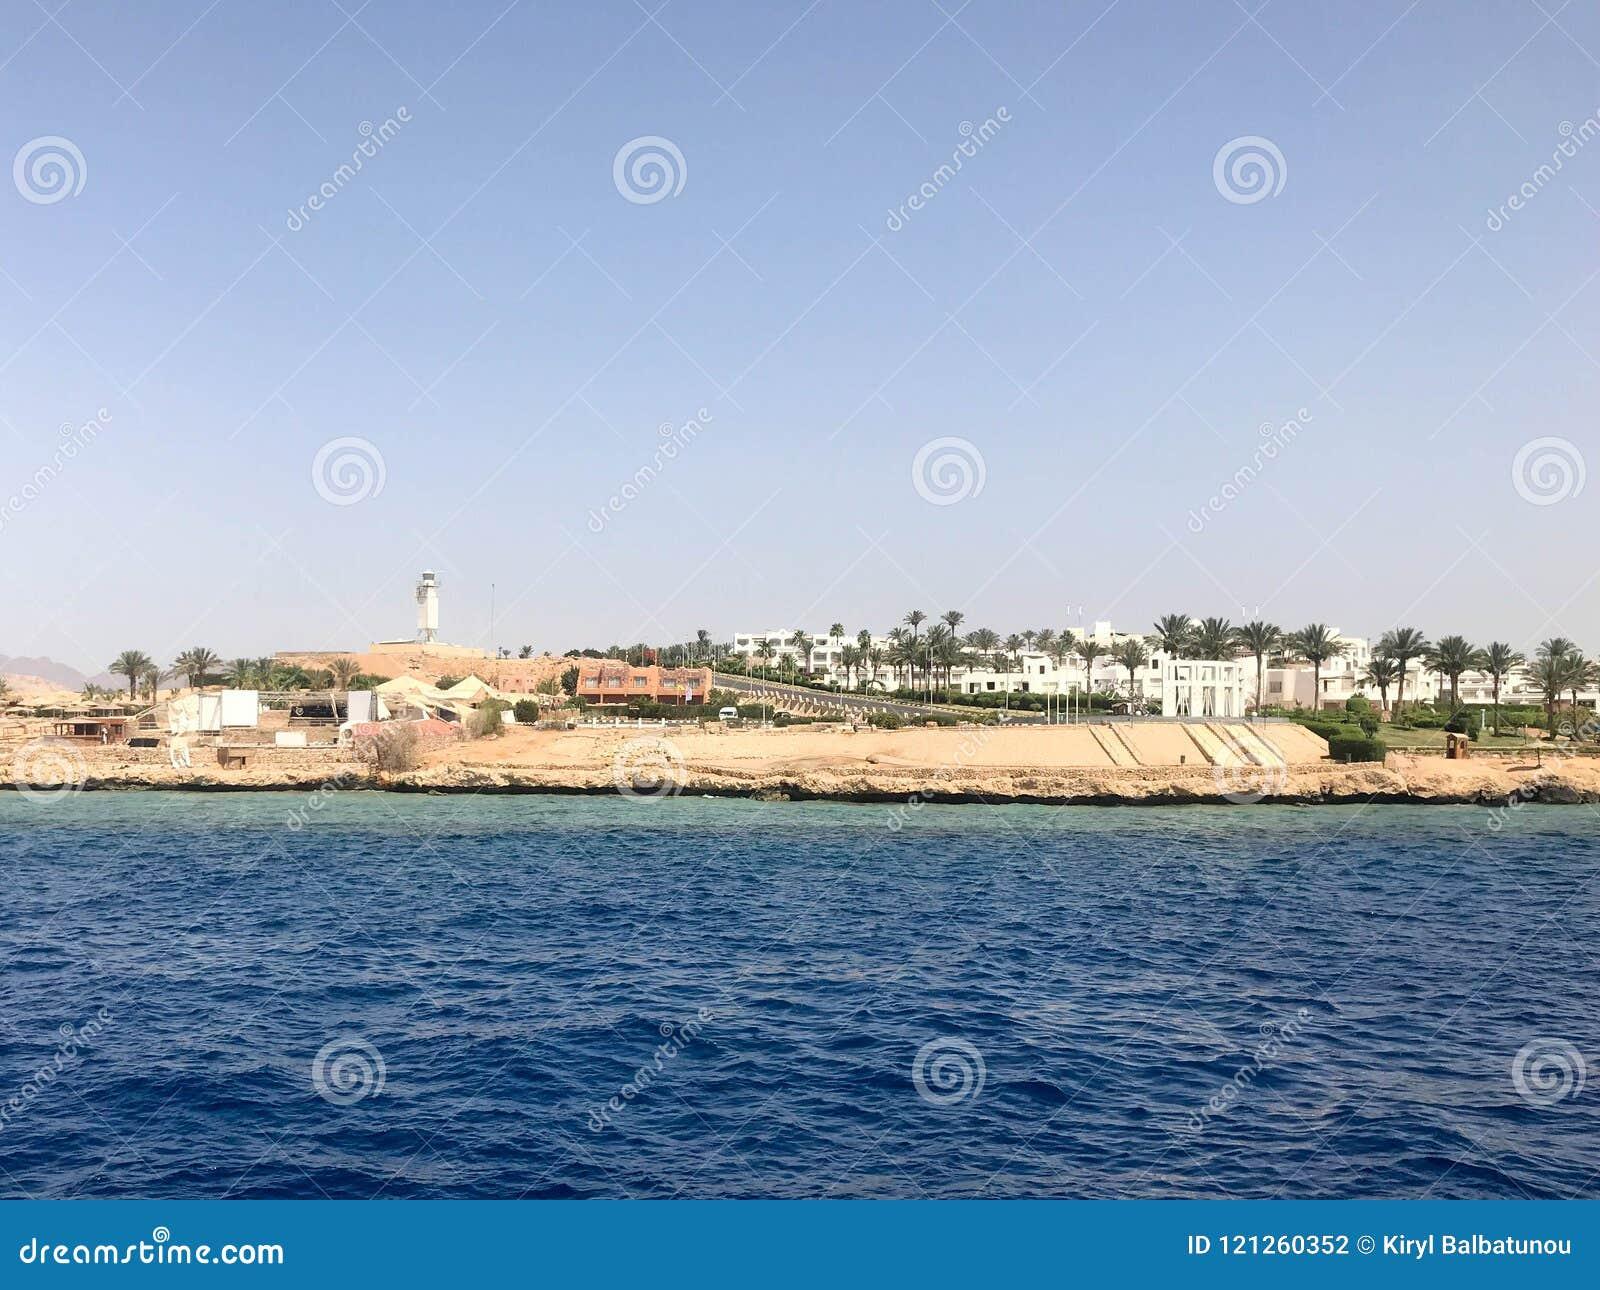 Seascapen av de avlägsna härliga bruna stenbergen och olika byggnader på kusten och slösar det salta azura havet, ocen